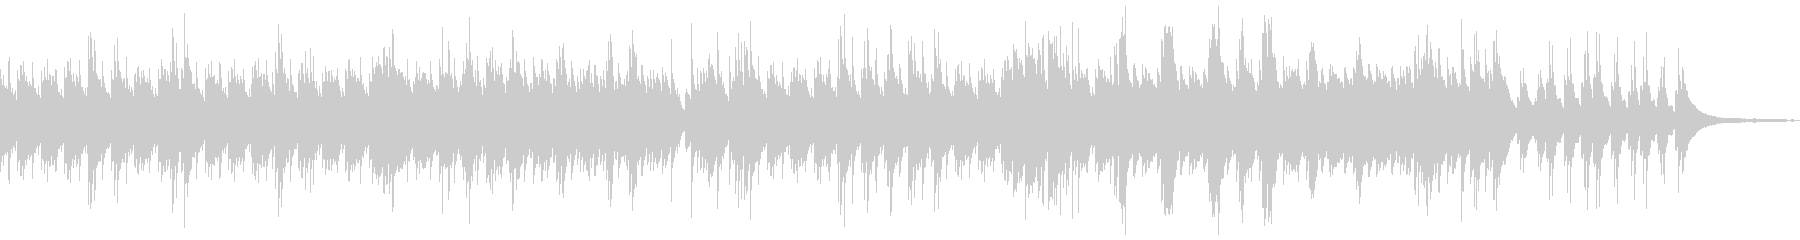 流れるソロピアノトラックは、壮大な...の未再生の波形